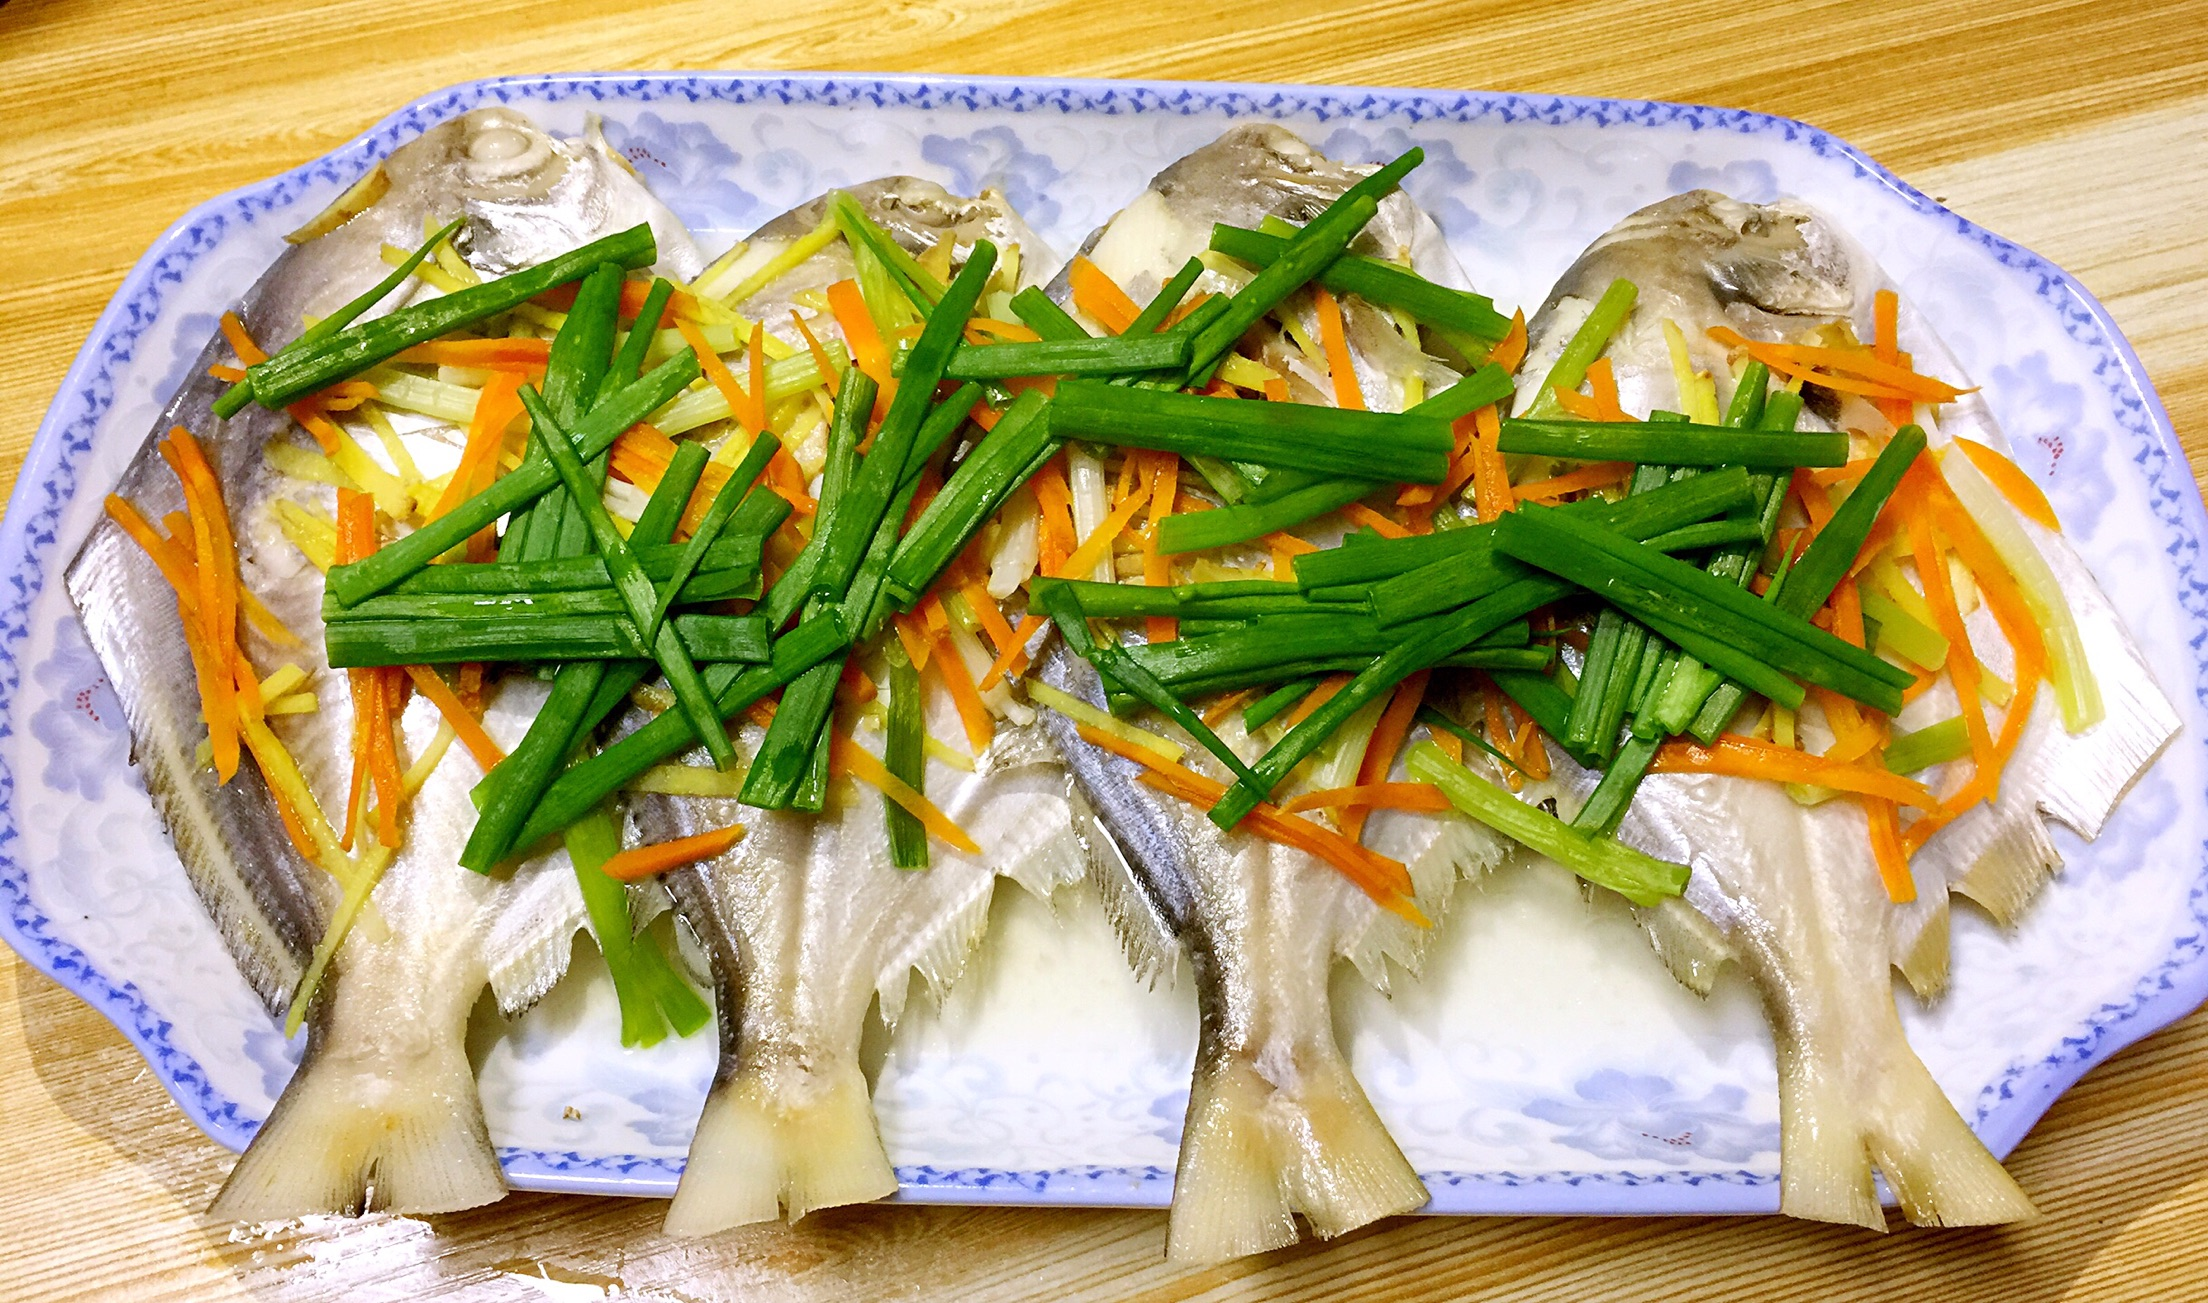 简单大全的v大全美味食谱孕妇鲳鱼糖尿病图片图片